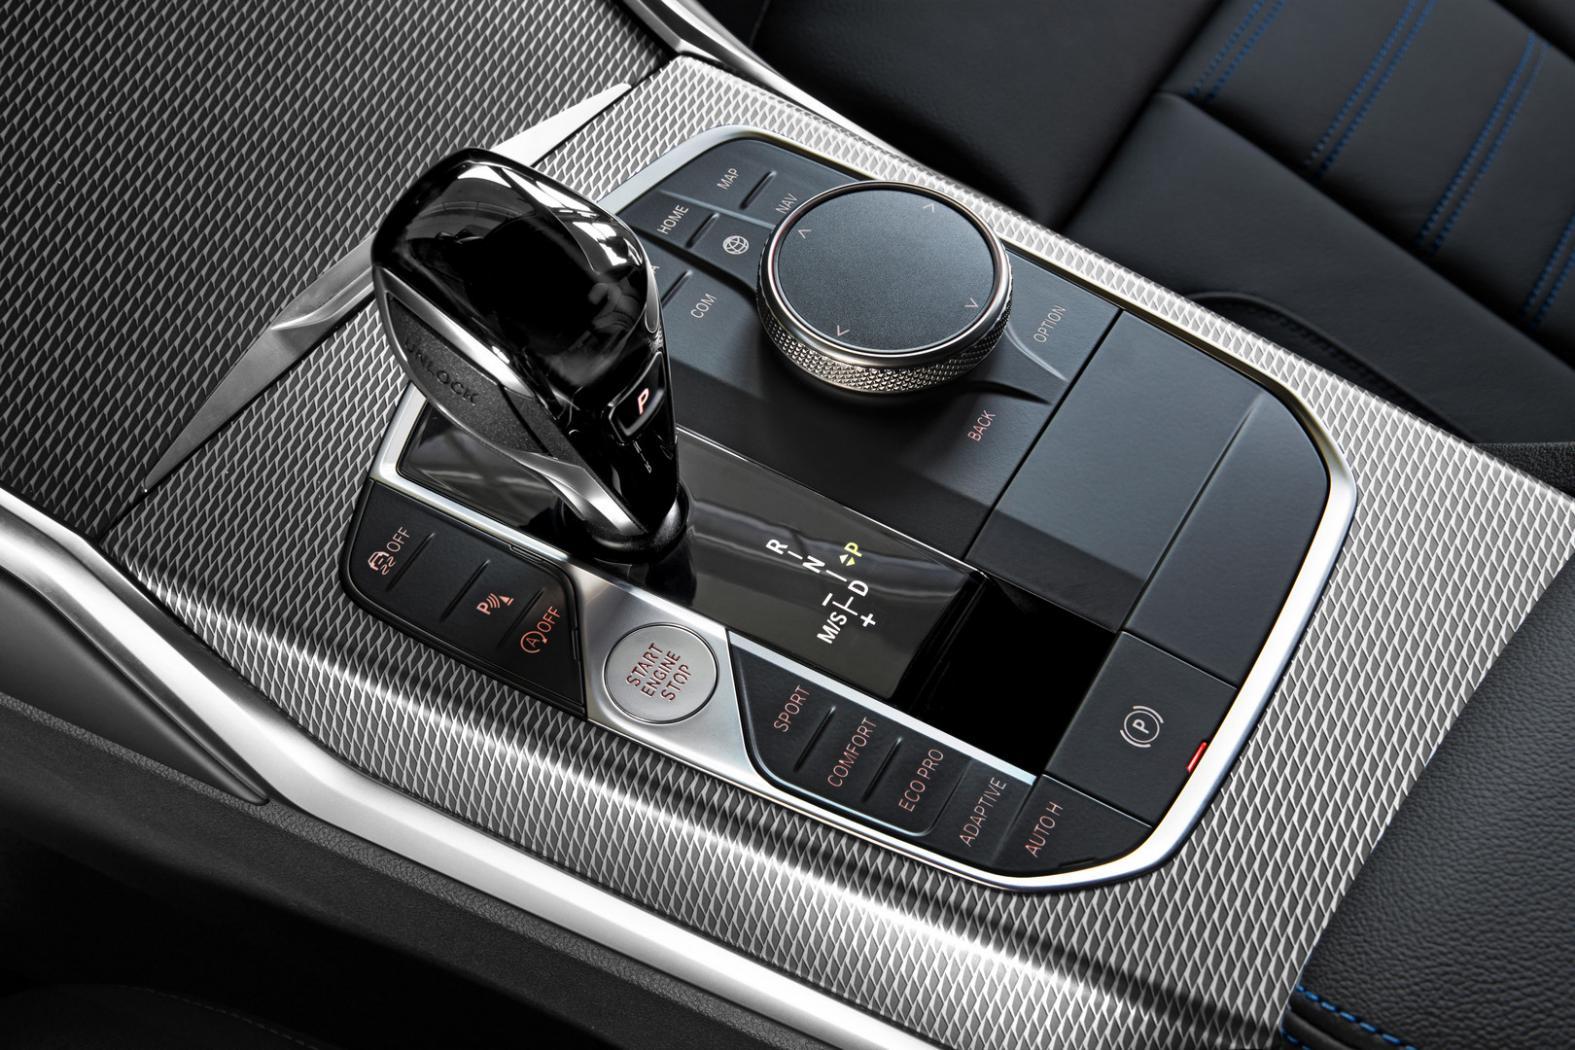 BMW-Serie-3-G20-une-nouvelle-generation-plus-sportive-et-mieux-equipee-4.jpeg